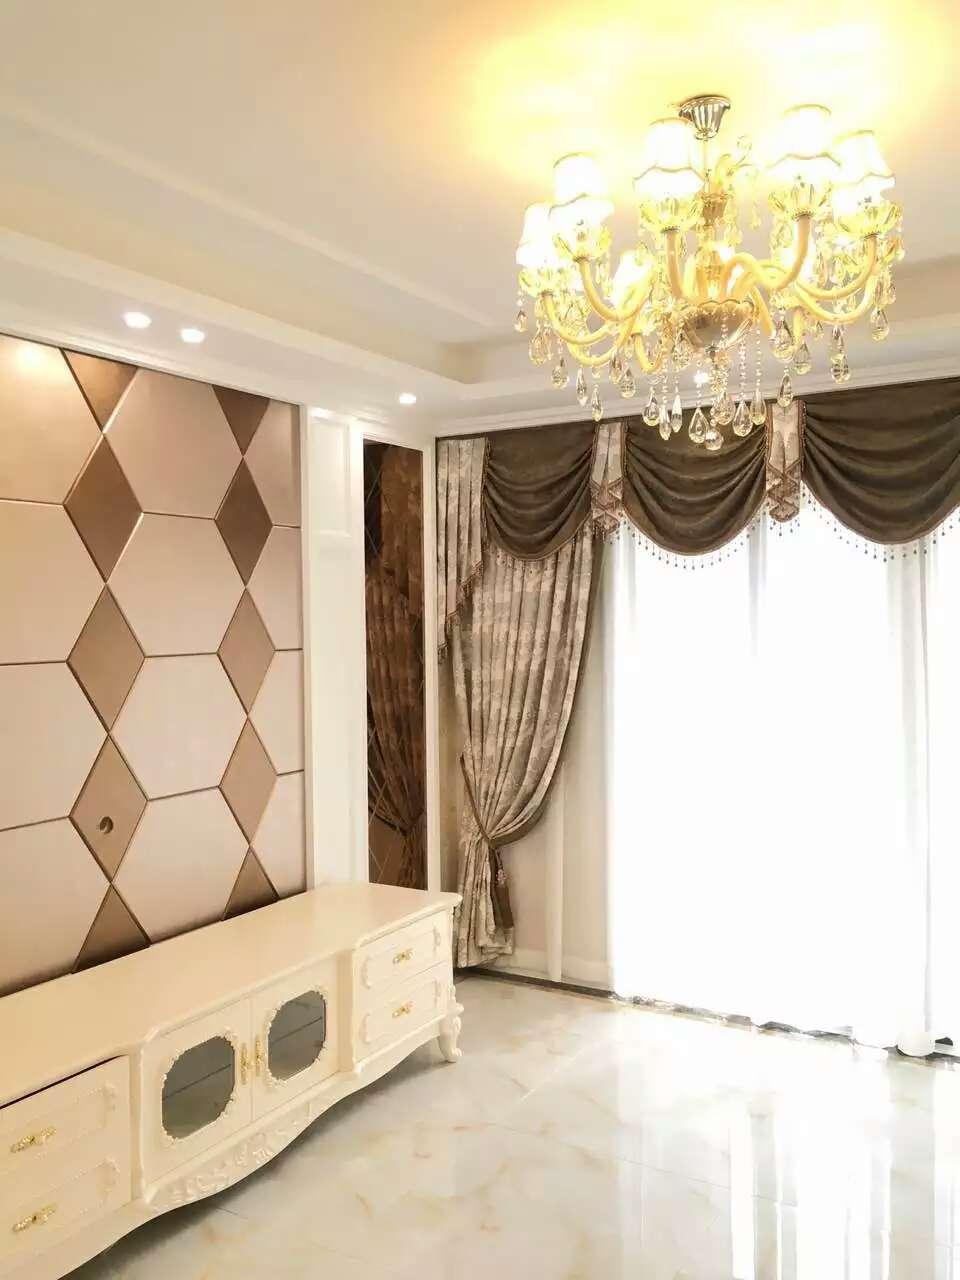 中式风格殿堂窗帘 壮丽华贵别墅窗帘